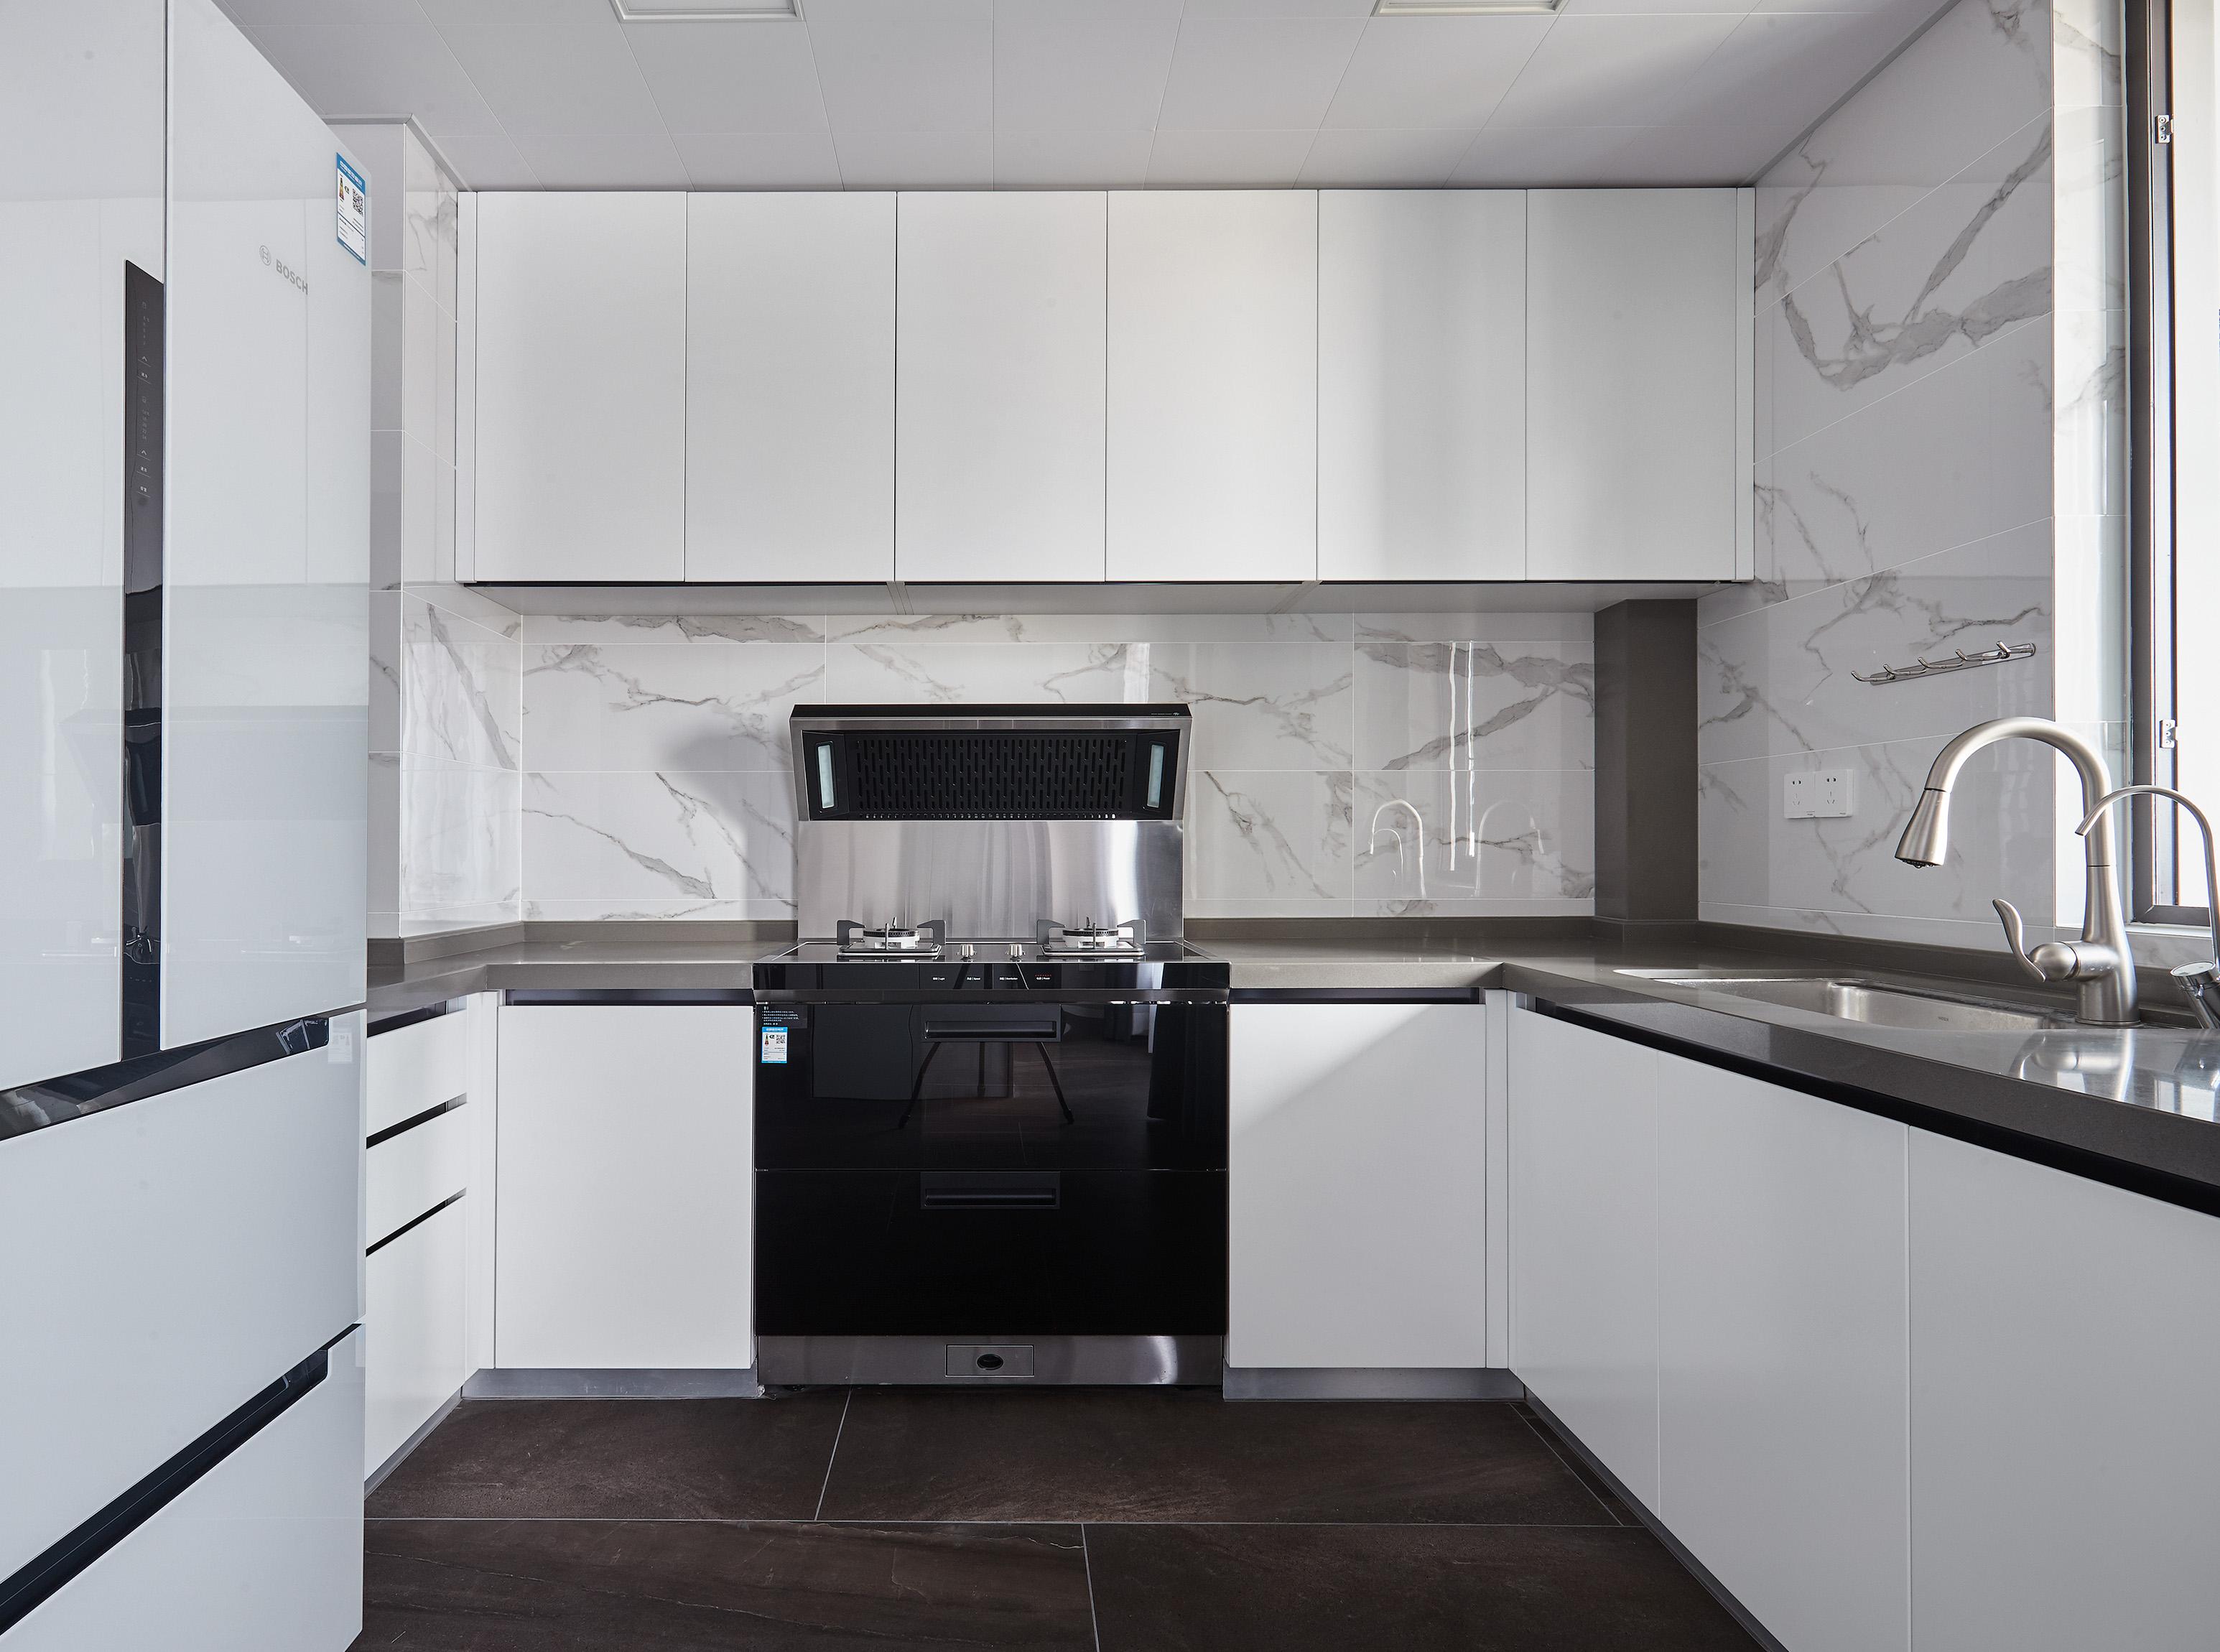 优美144平现代四居厨房图片大全餐厅现代简约厨房设计图片赏析